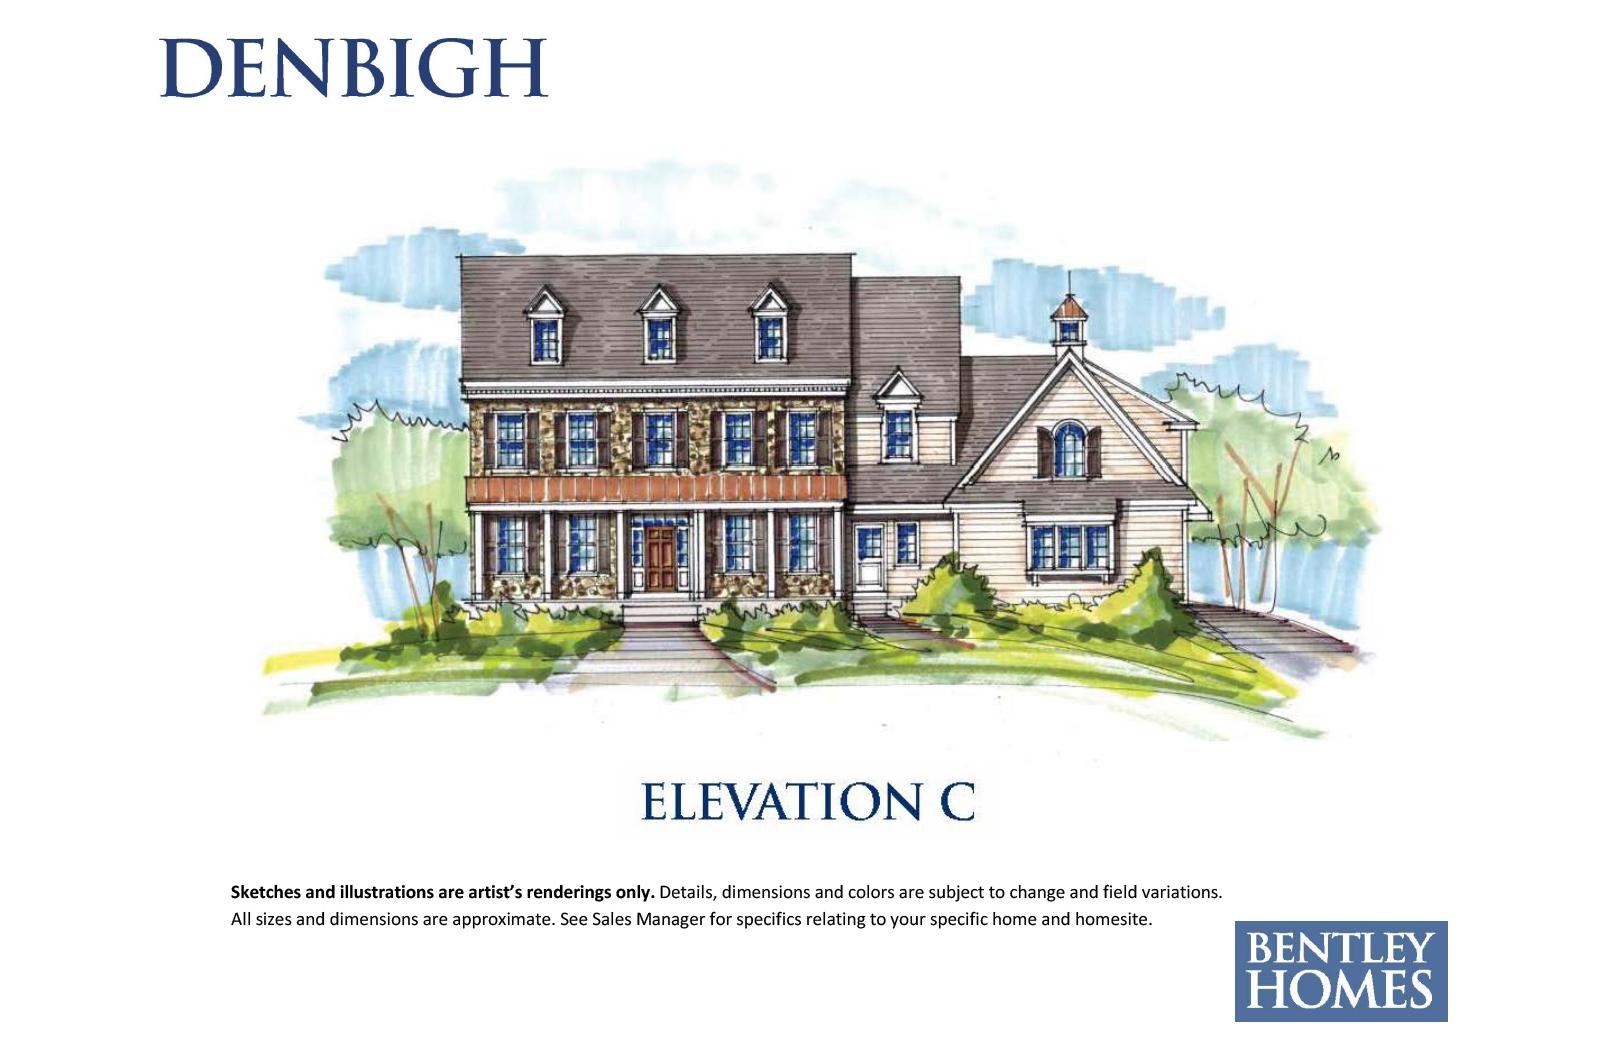 Denbigh illustration of elevation C for Bentley Homes.